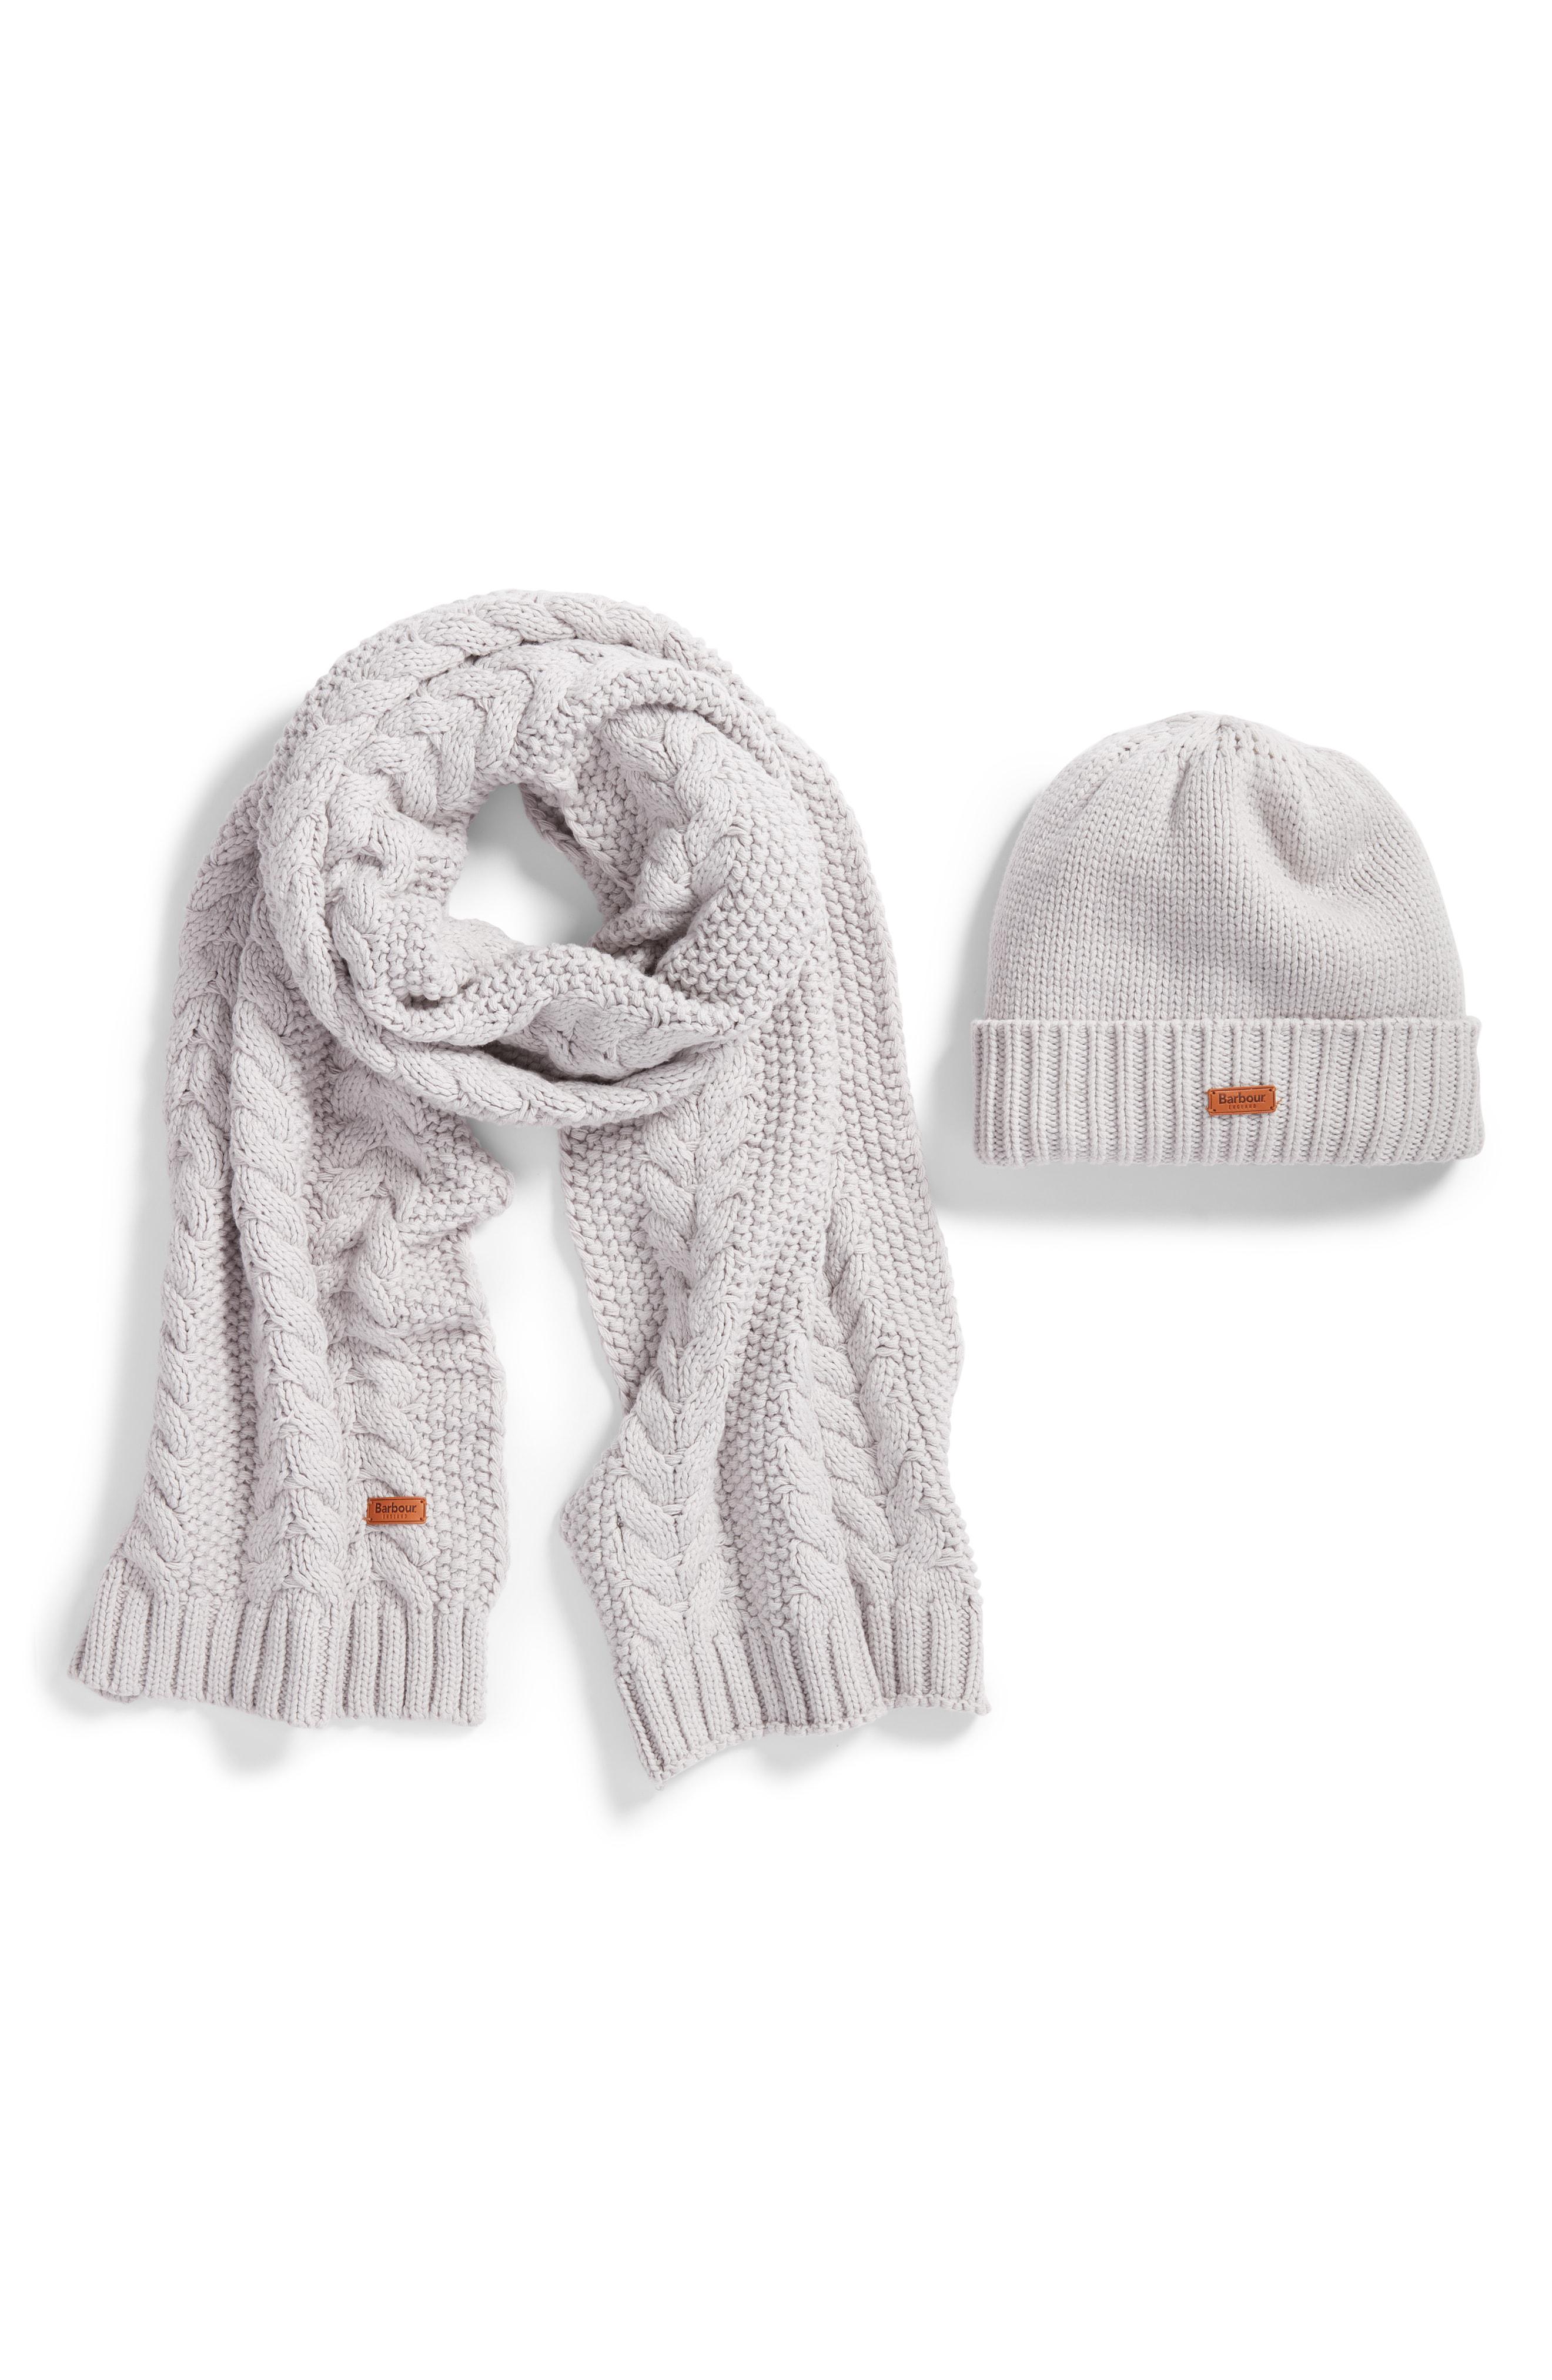 b6ec9548d1d Barbour - White Cable Knit Hat   Scarf Set - Lyst. View fullscreen